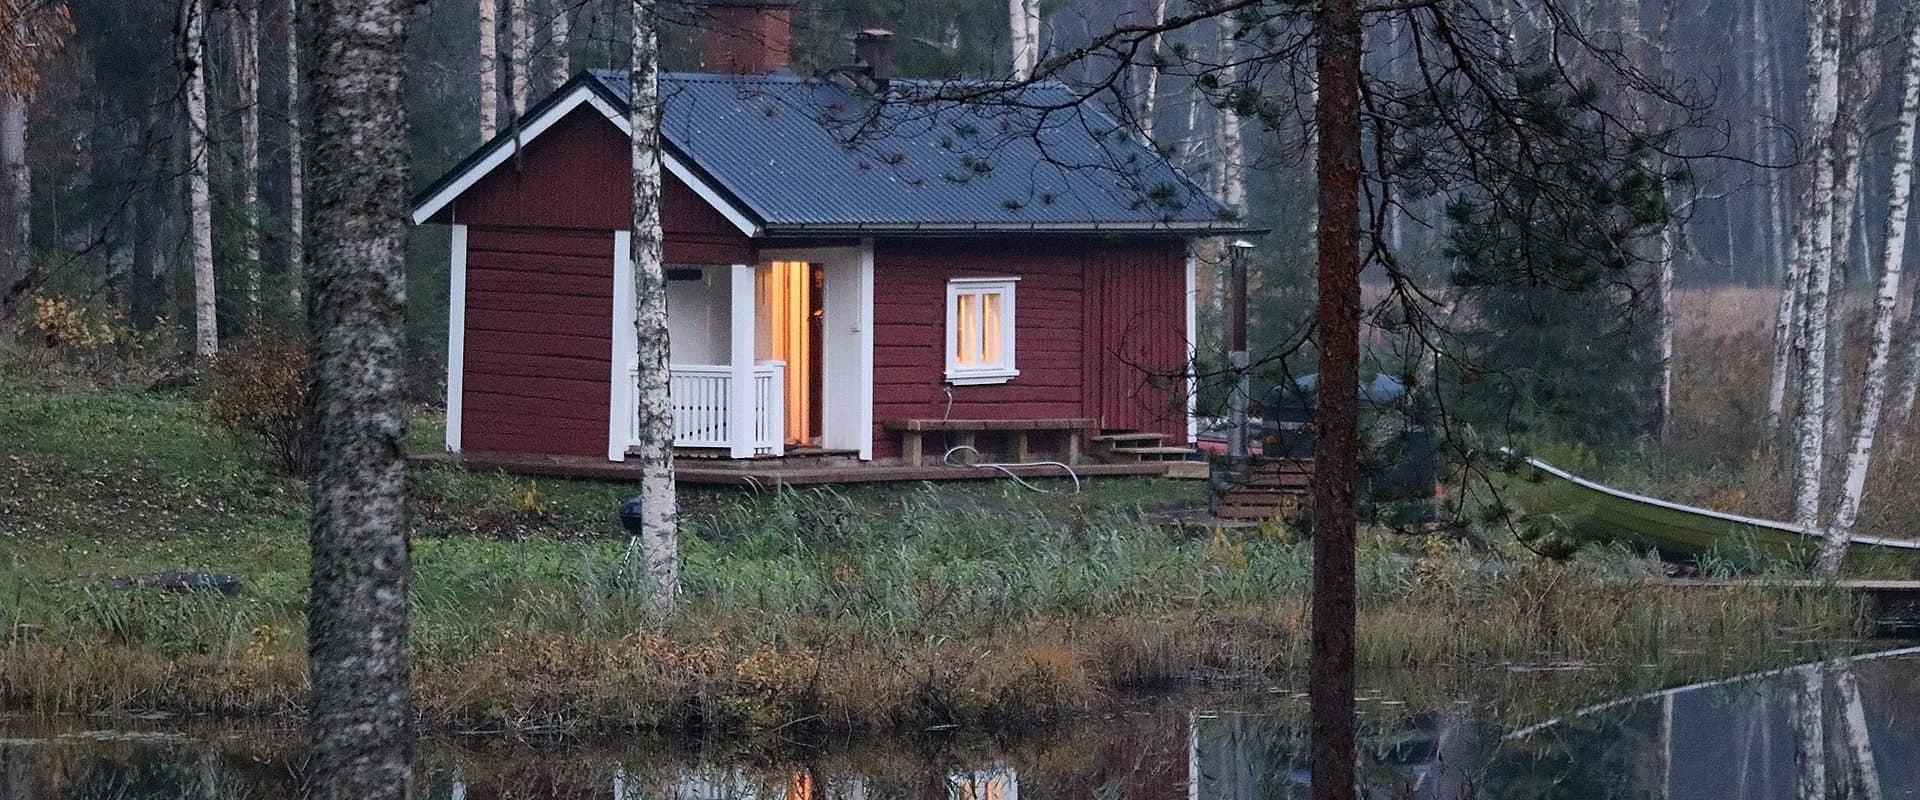 Visit Häme - vuokraa mökki, rent a cottage